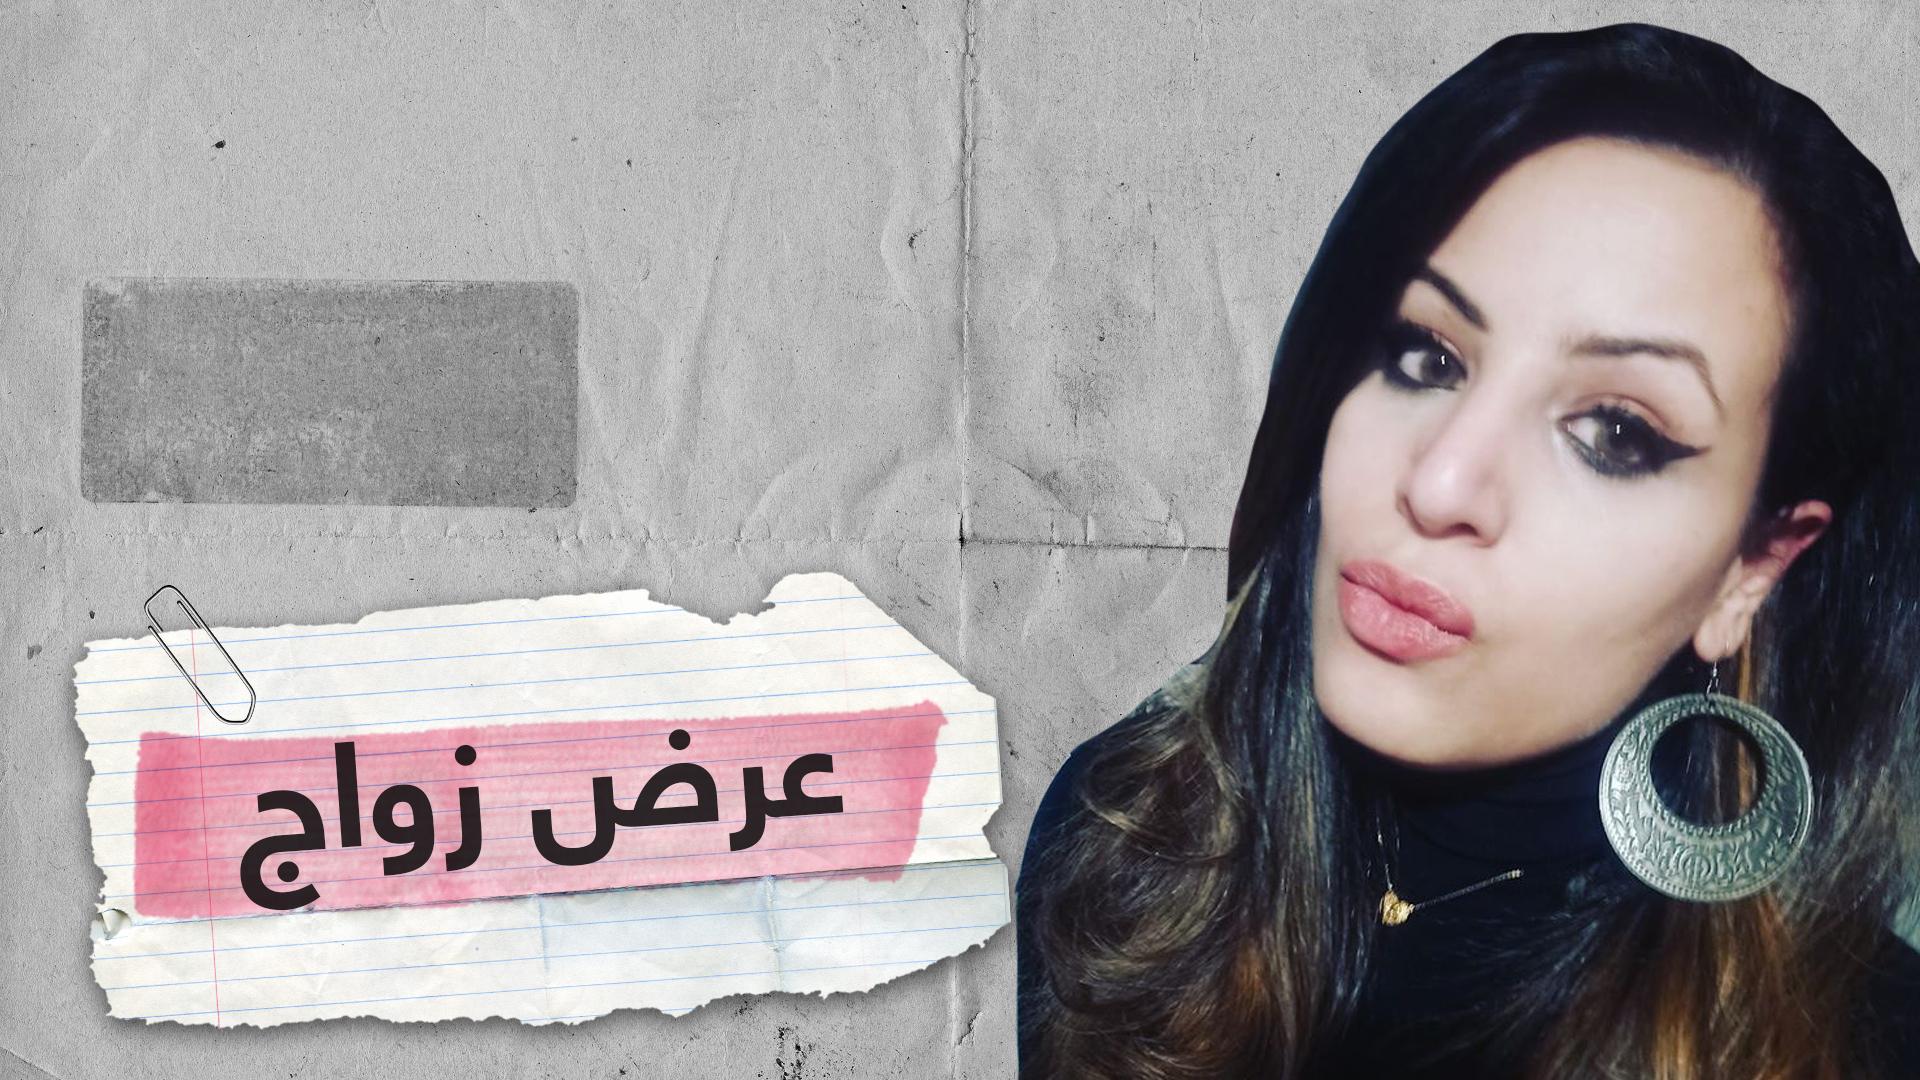 شابة مصرية تعرض نفسها للزواج في بث مباشر على فيسبوك